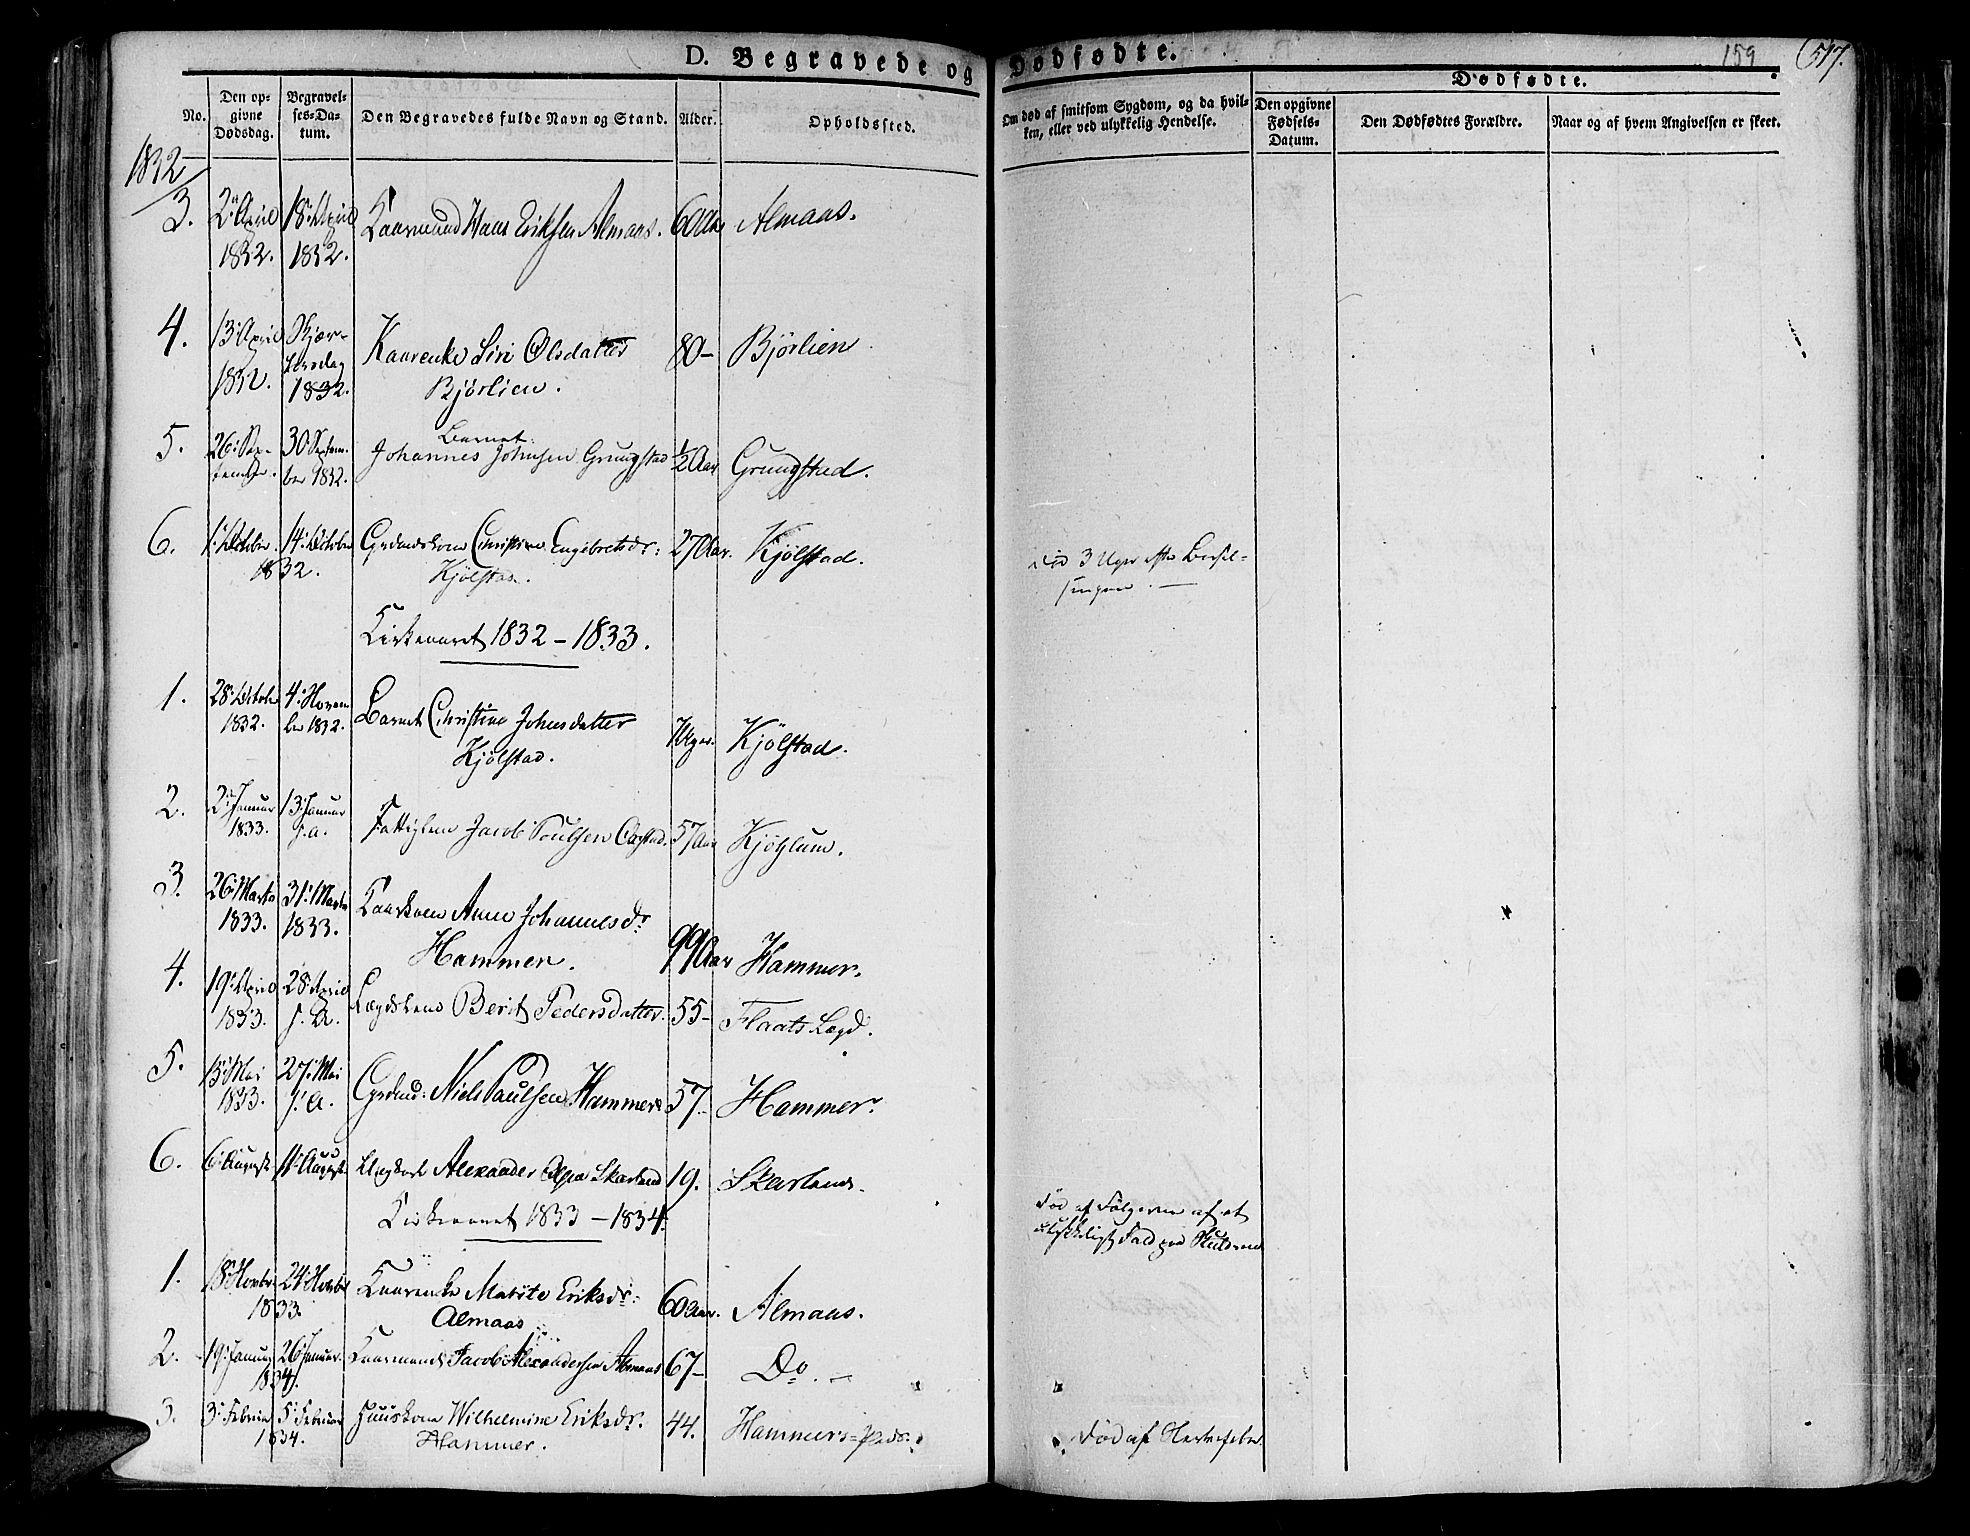 SAT, Ministerialprotokoller, klokkerbøker og fødselsregistre - Nord-Trøndelag, 758/L0510: Ministerialbok nr. 758A01 /2, 1821-1841, s. 159